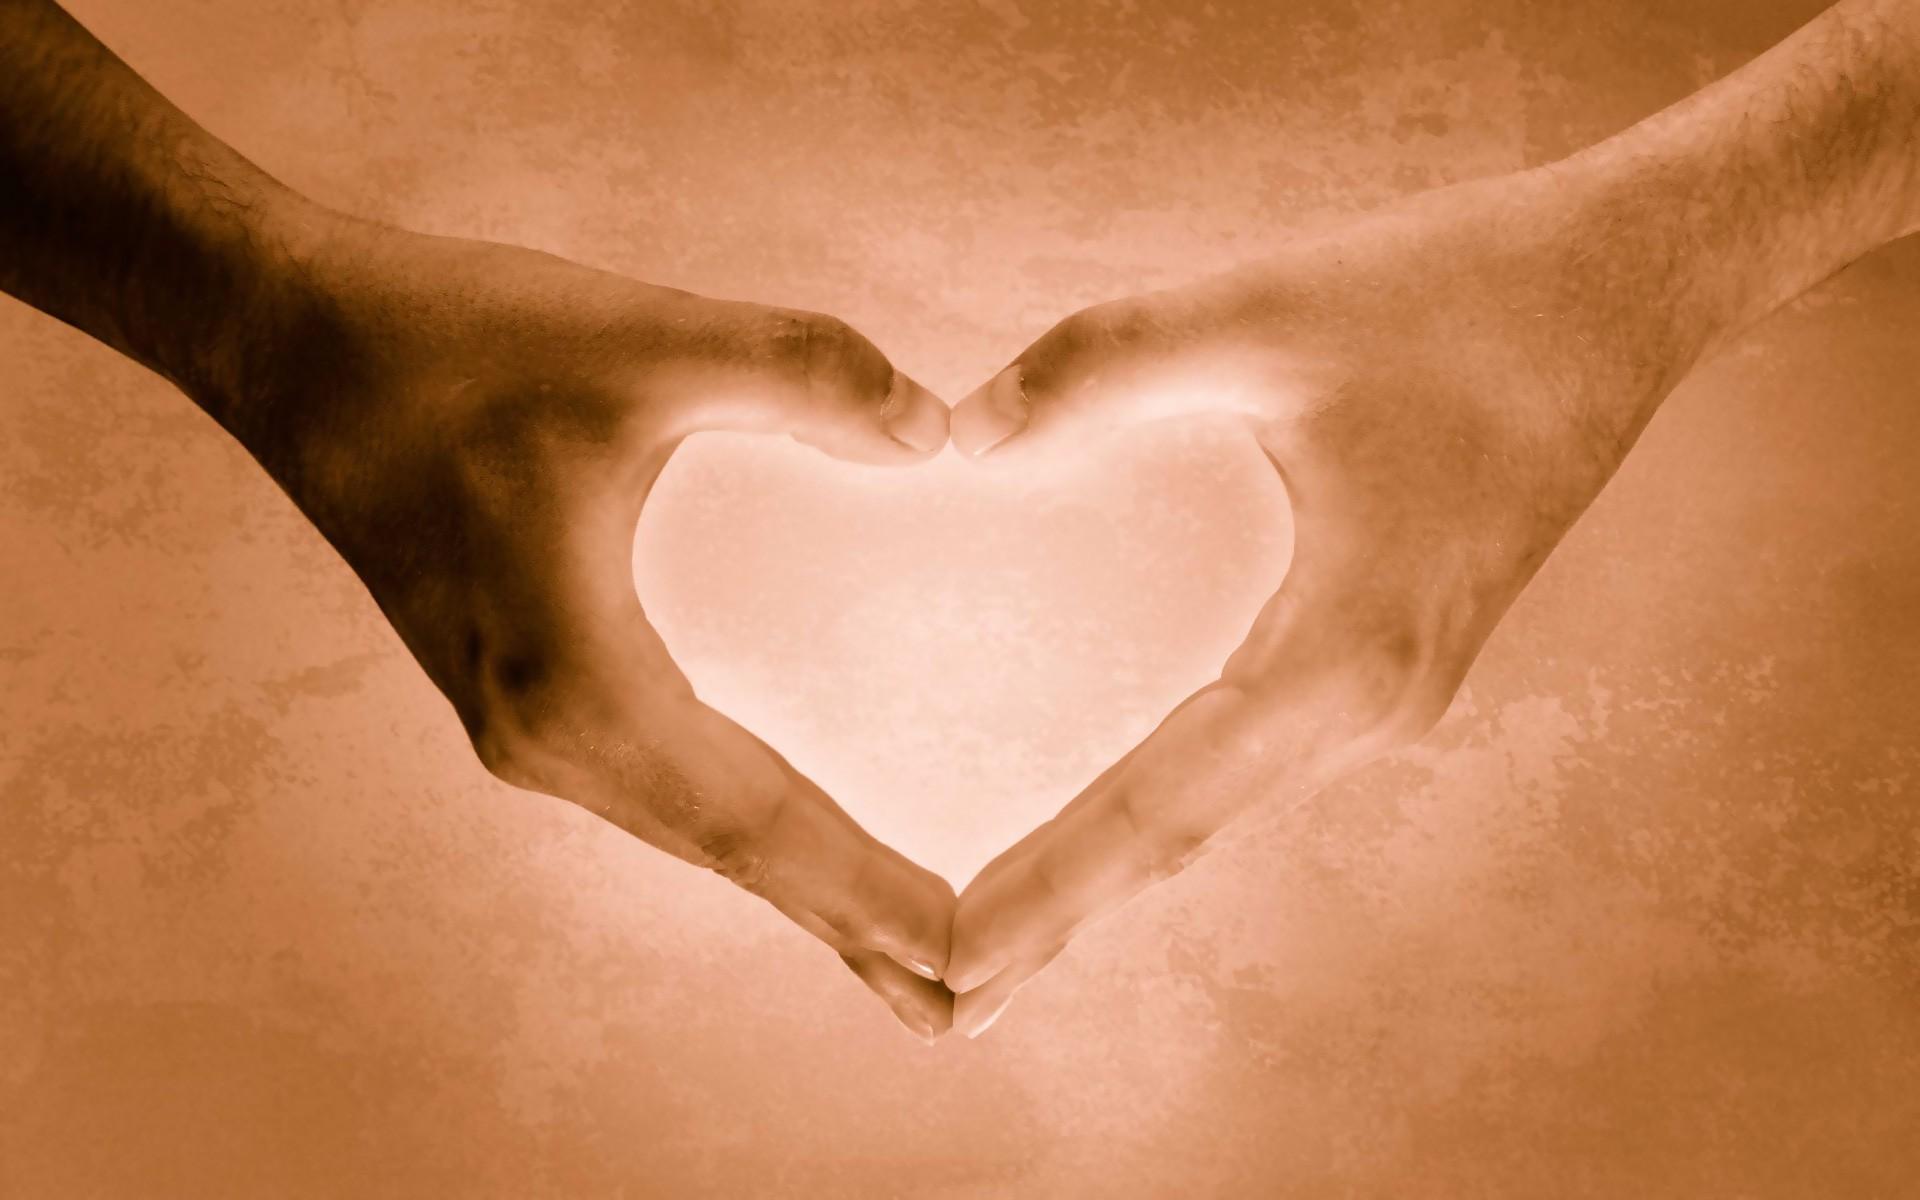 Un corazón con las manos - 1920x1200